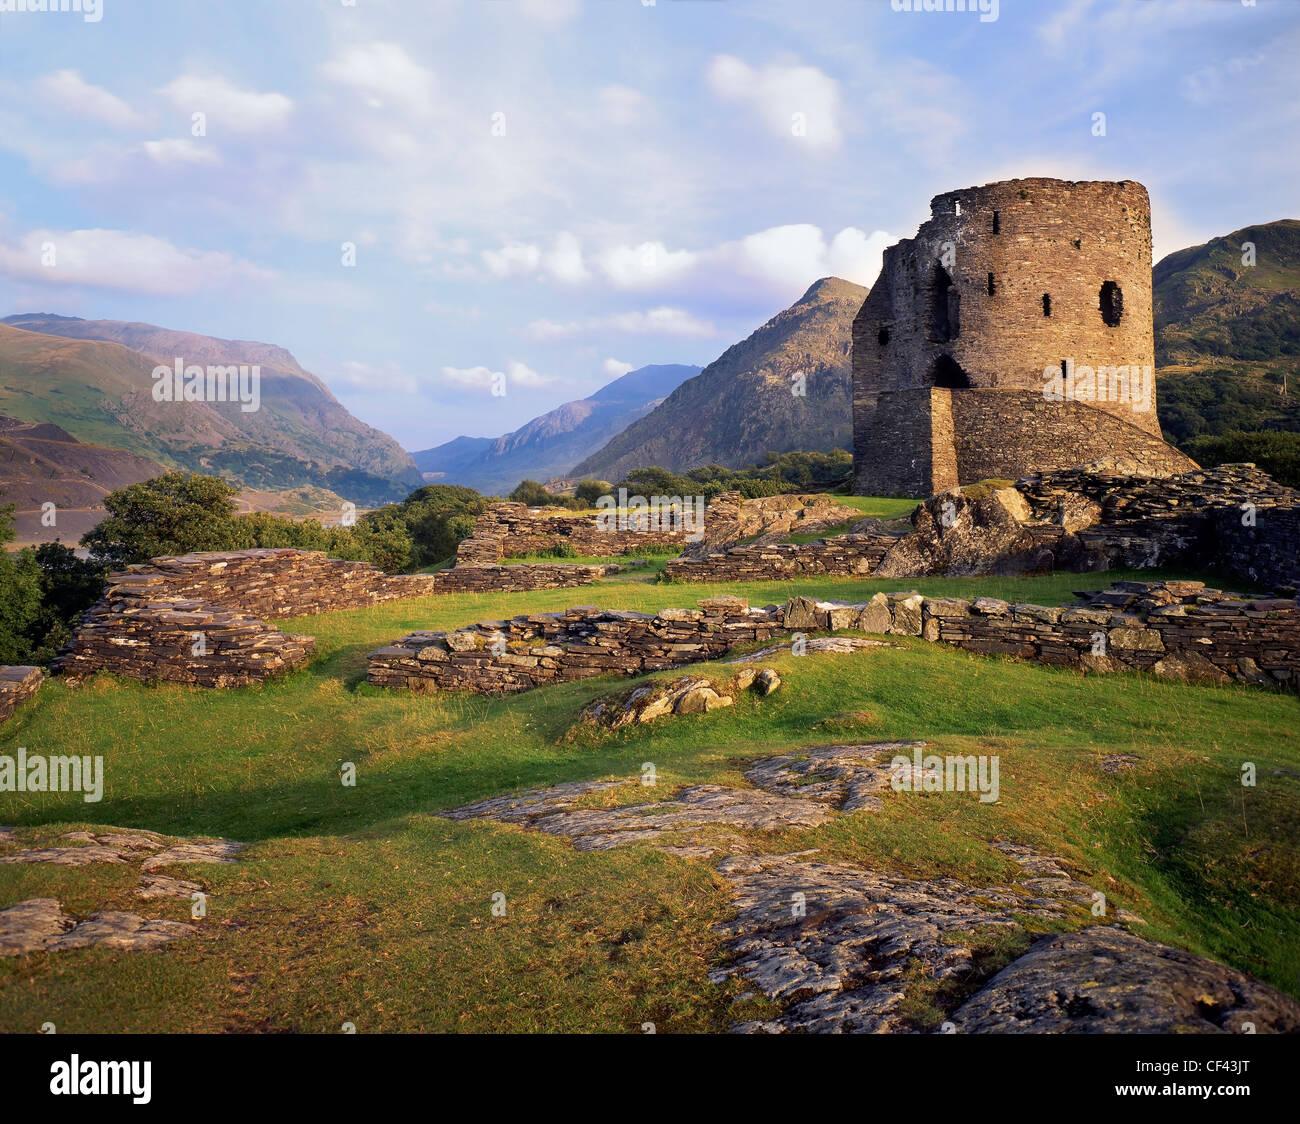 Die Ruinen der Burg Dolbadarn, die durch die Fürsten von Gwynedd im 13. Jahrhundert am Fuße des Snowdon. Stockfoto